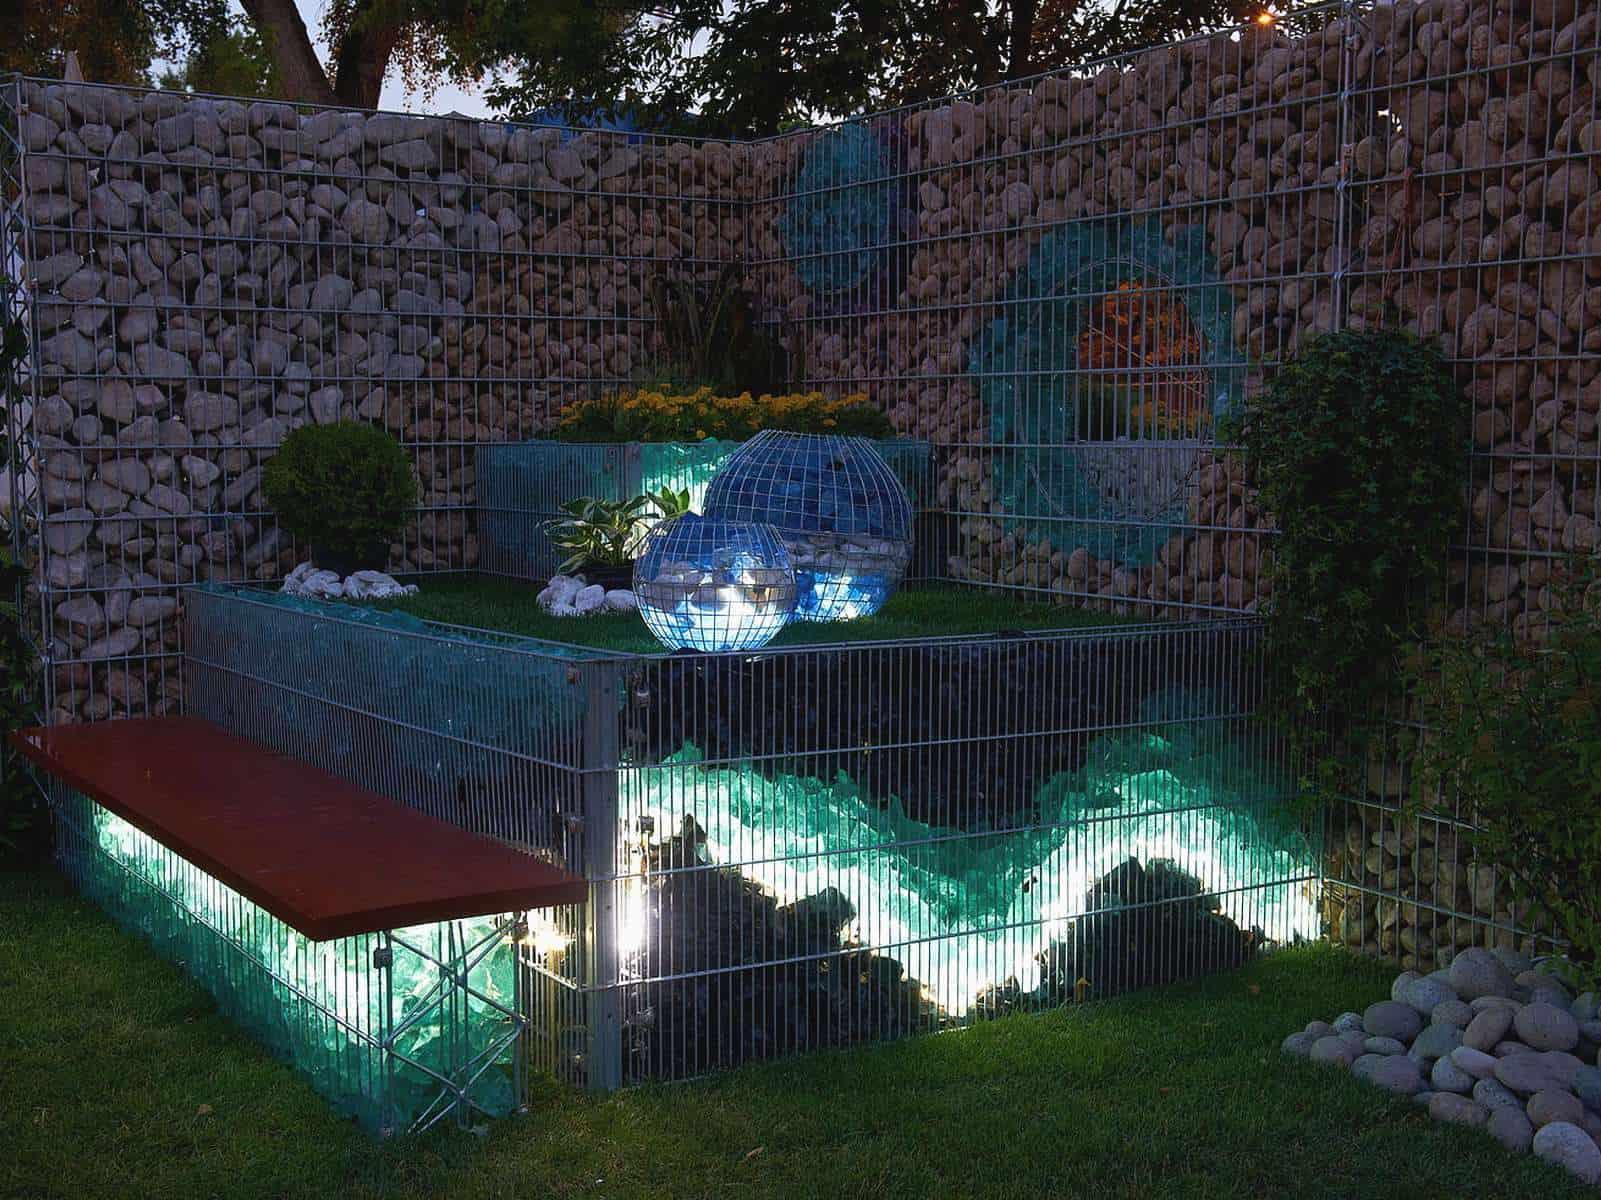 Showanlage für Steinzäune mit Glasbefüllung und LED-Beleuchtung. Der Effekt wird durch die Befüllung mit Glasbrocken ermöglicht.